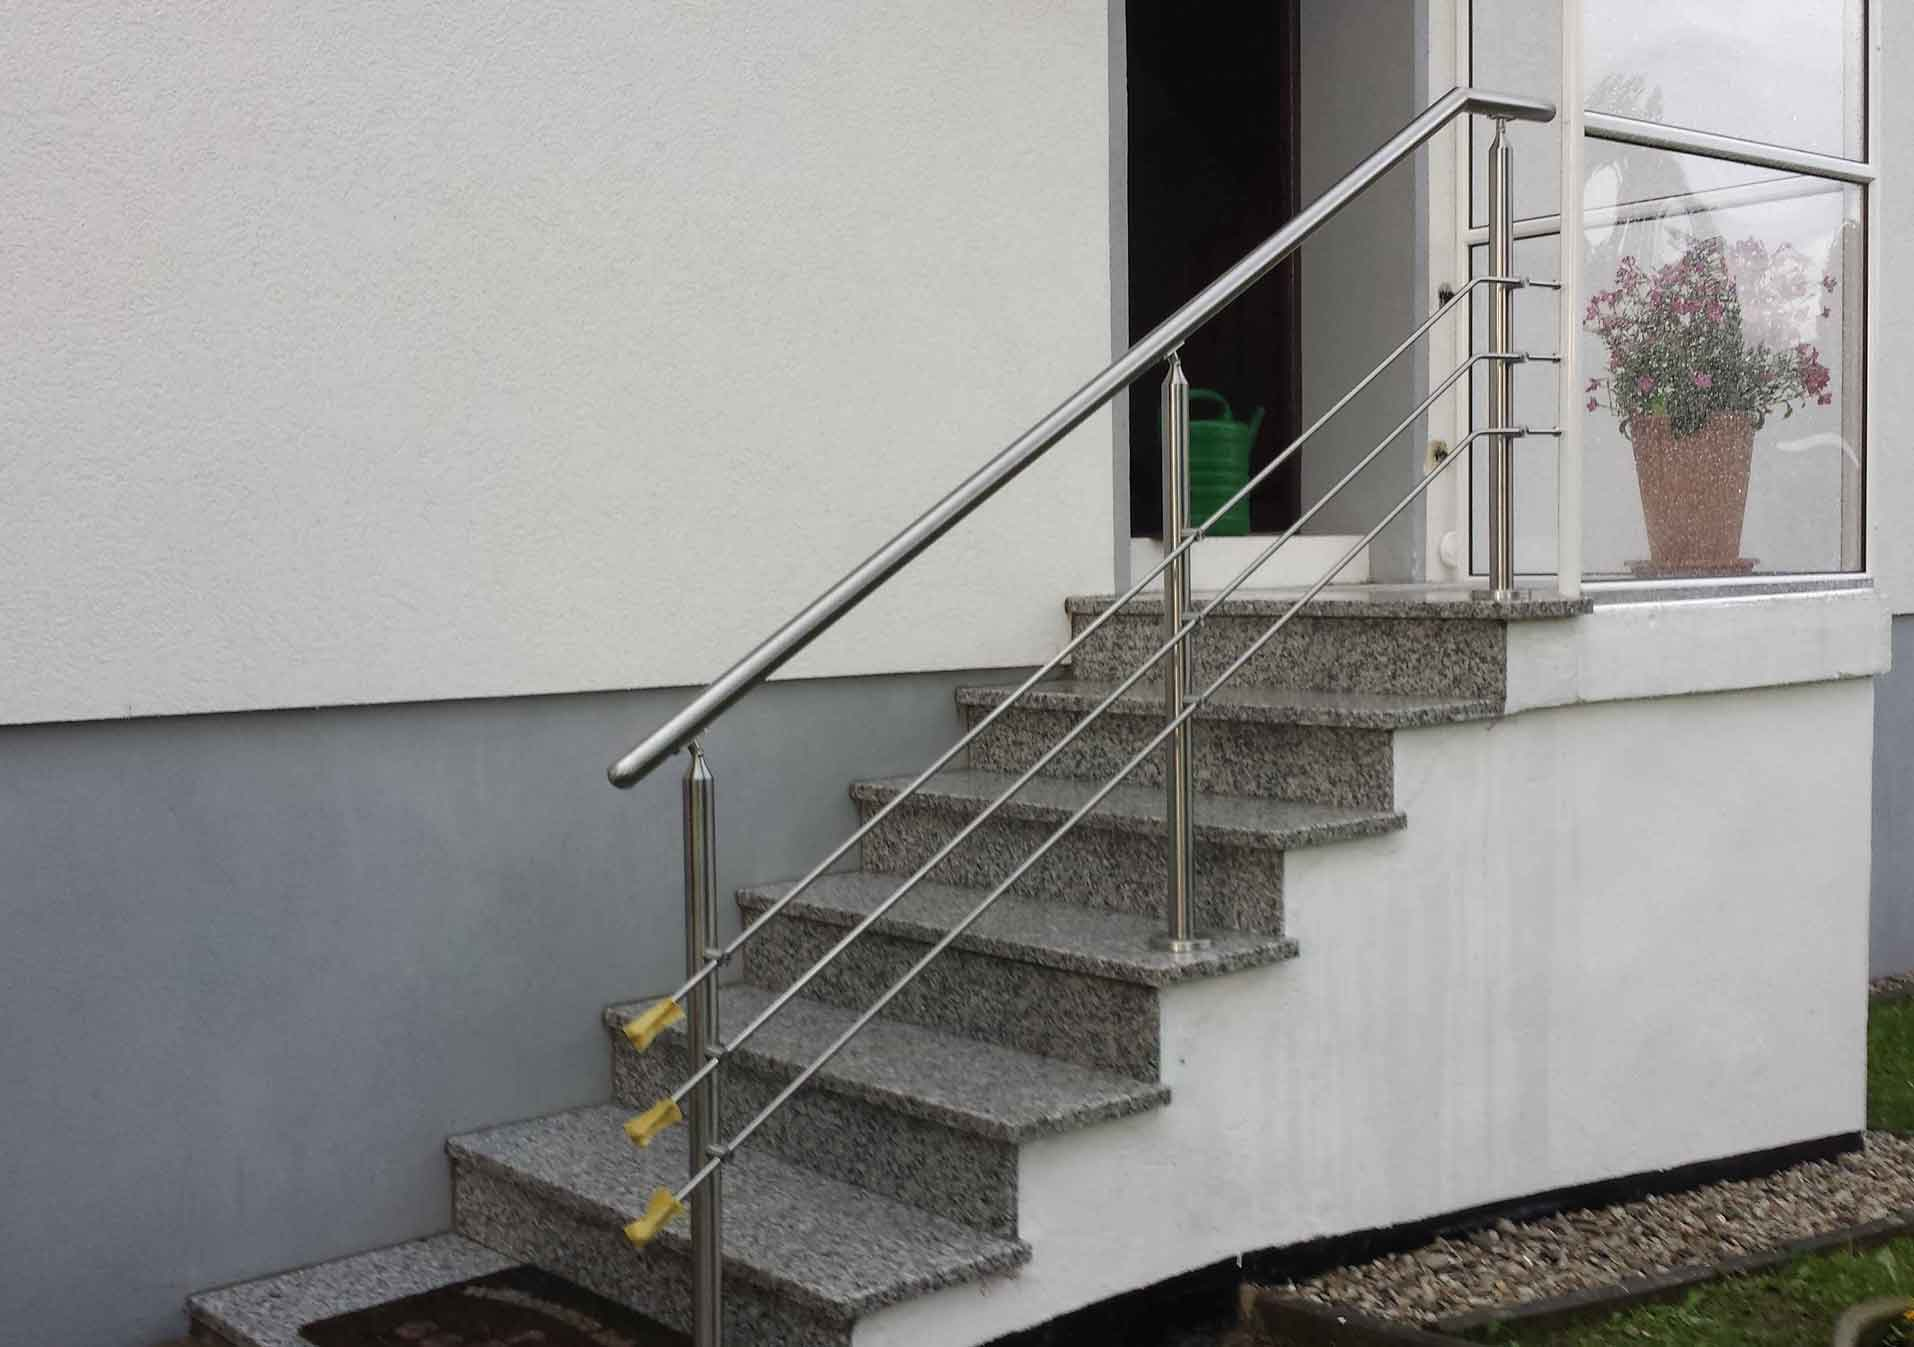 Hirsch Metallbau Treppengeländer 003 - Treppengeländer-03